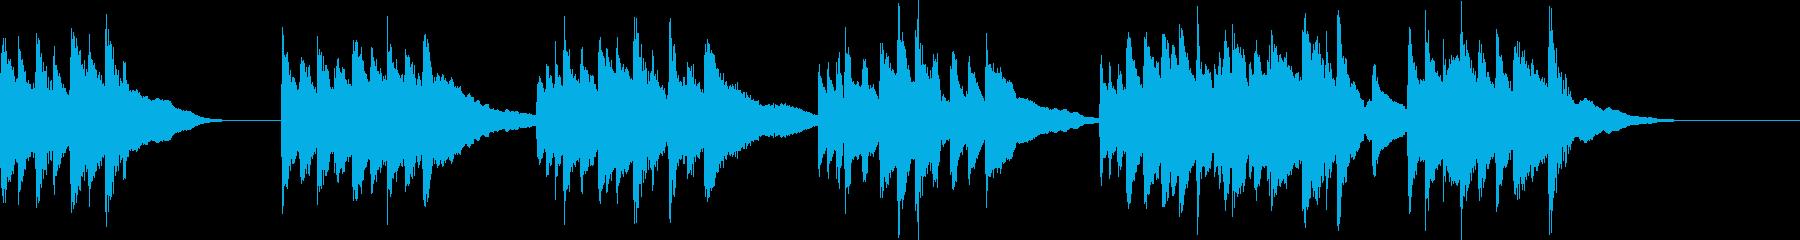 リラックスしたピアノのメロディ 30秒の再生済みの波形